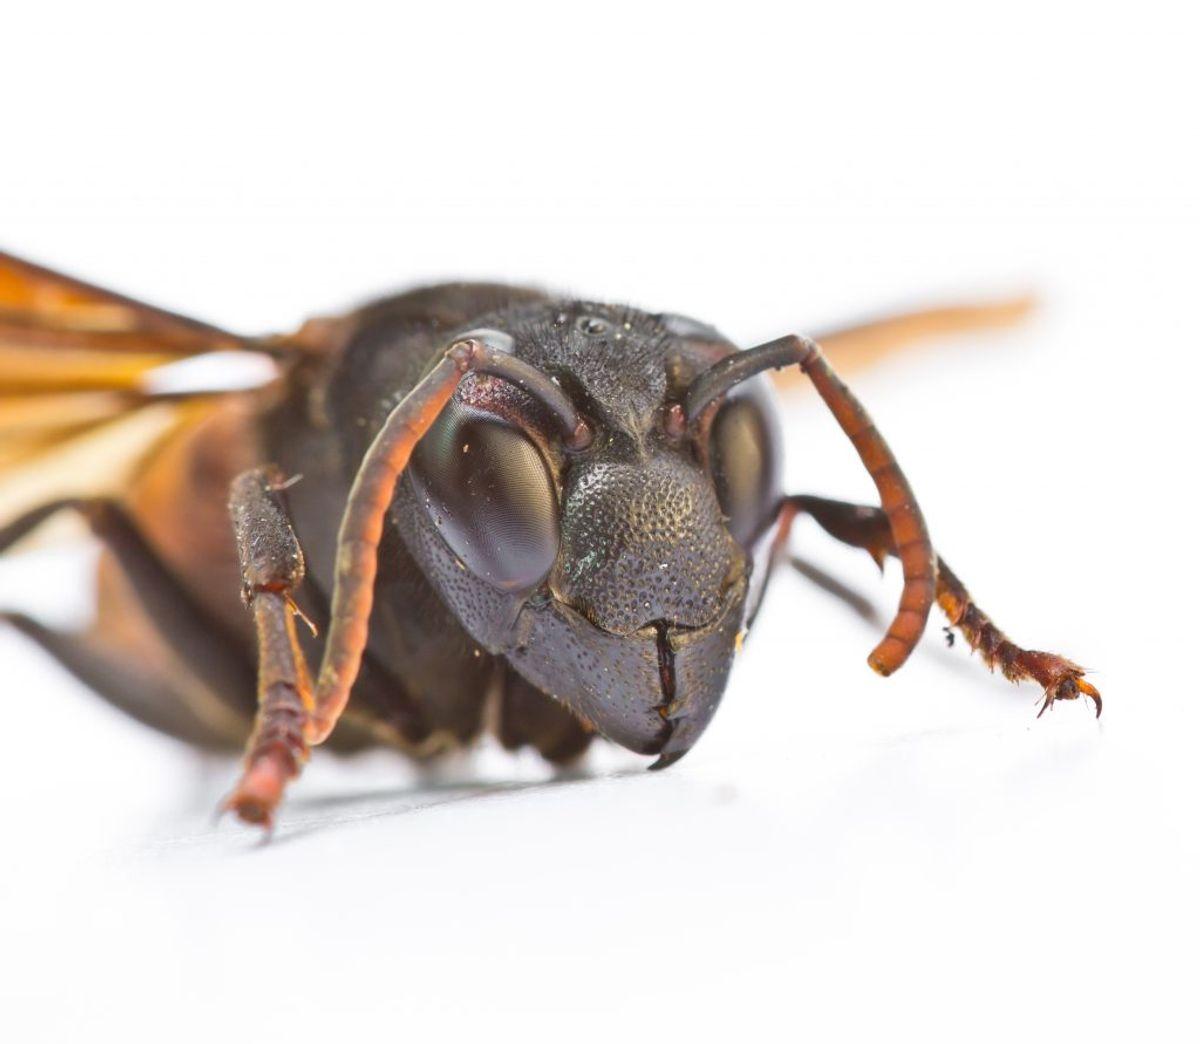 Bi- og hvepsestik: Et enkelt bi- eller hvepsestik er som oftest ikke farligt for hunde. Smerten kan behandles med koldt omslag – fx med is i et viskestykke – og man kan forsøge at fjerne brodden, hvis den stadig sidder der. Dog kan flere, gentagne stik eller stik i munden gøre hunden dårlig eller udløse en allergisk reaktion, hvor der kan være brug for en dyrlæge. Foto: Colourbox (Modelfoto)